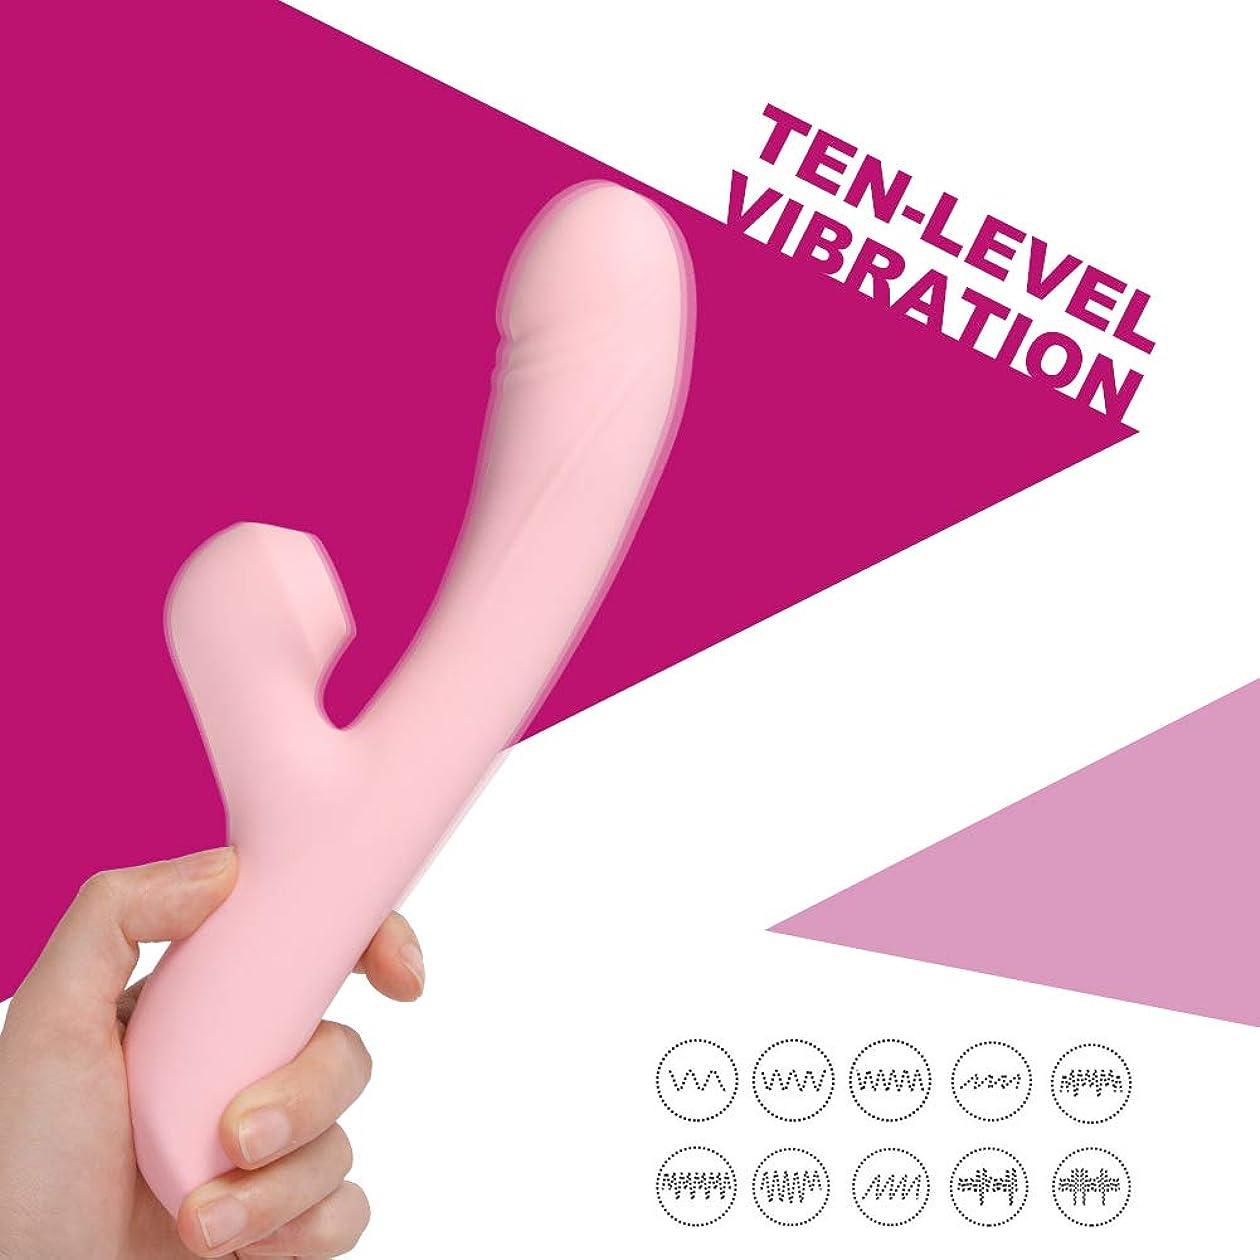 優雅なハシーチロオーガニック オイル 全身 人気 バイブレーター 加熱機能 潮吹き 女性 Gスポット 女性マッサージ器 アダルトグッズ (ピンク色)